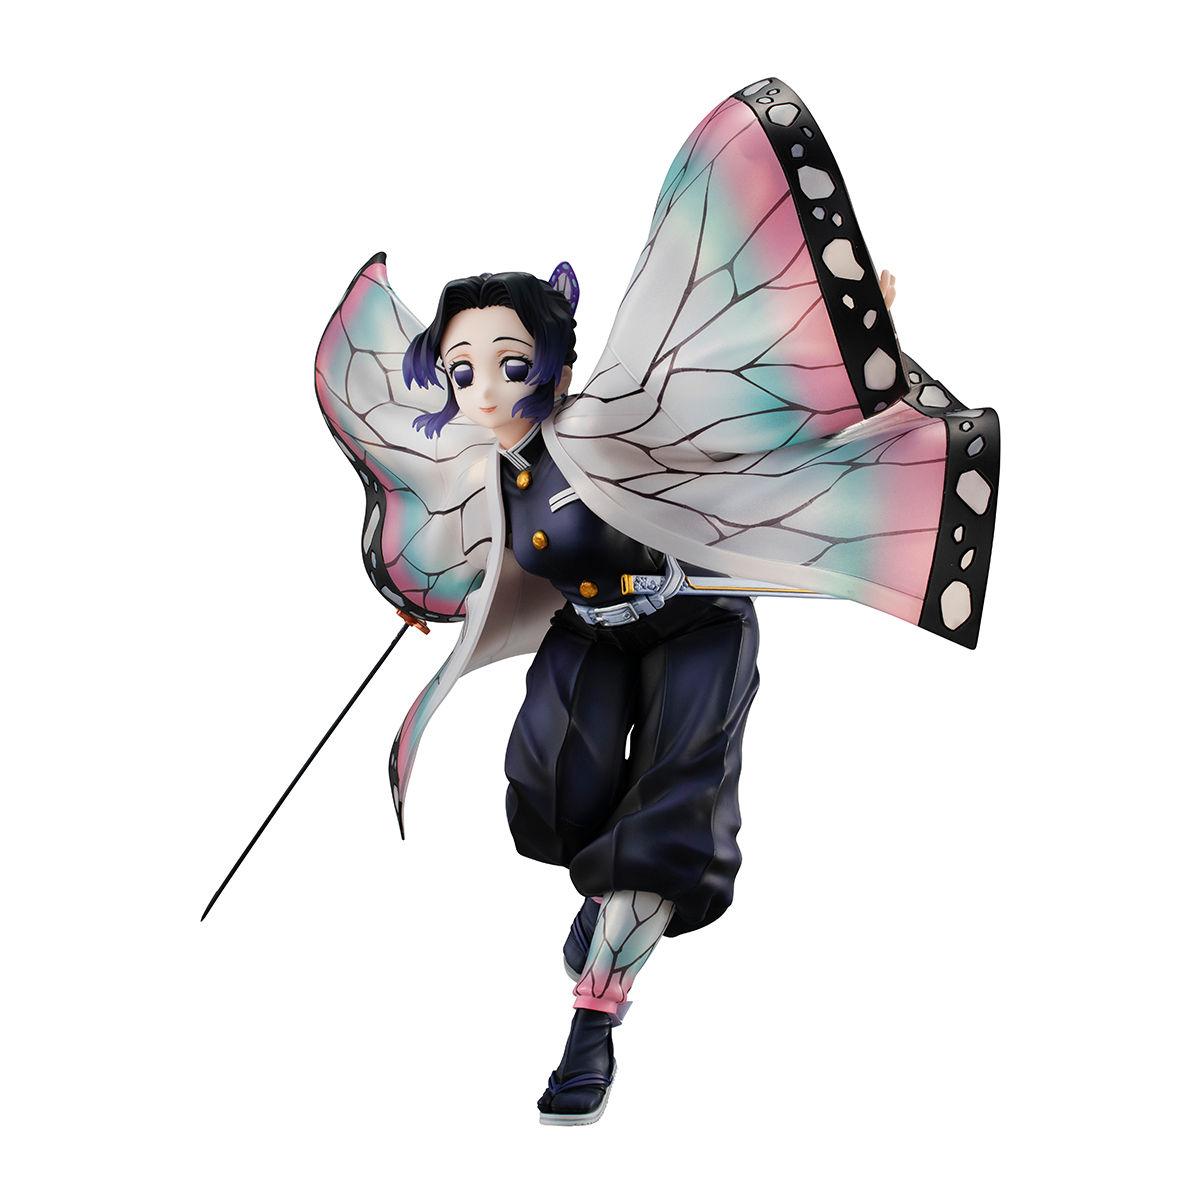 【限定販売】ギャルズシリーズ『胡蝶しのぶ(こちょう しのぶ)』鬼滅の刃 完成品フィギュア-009